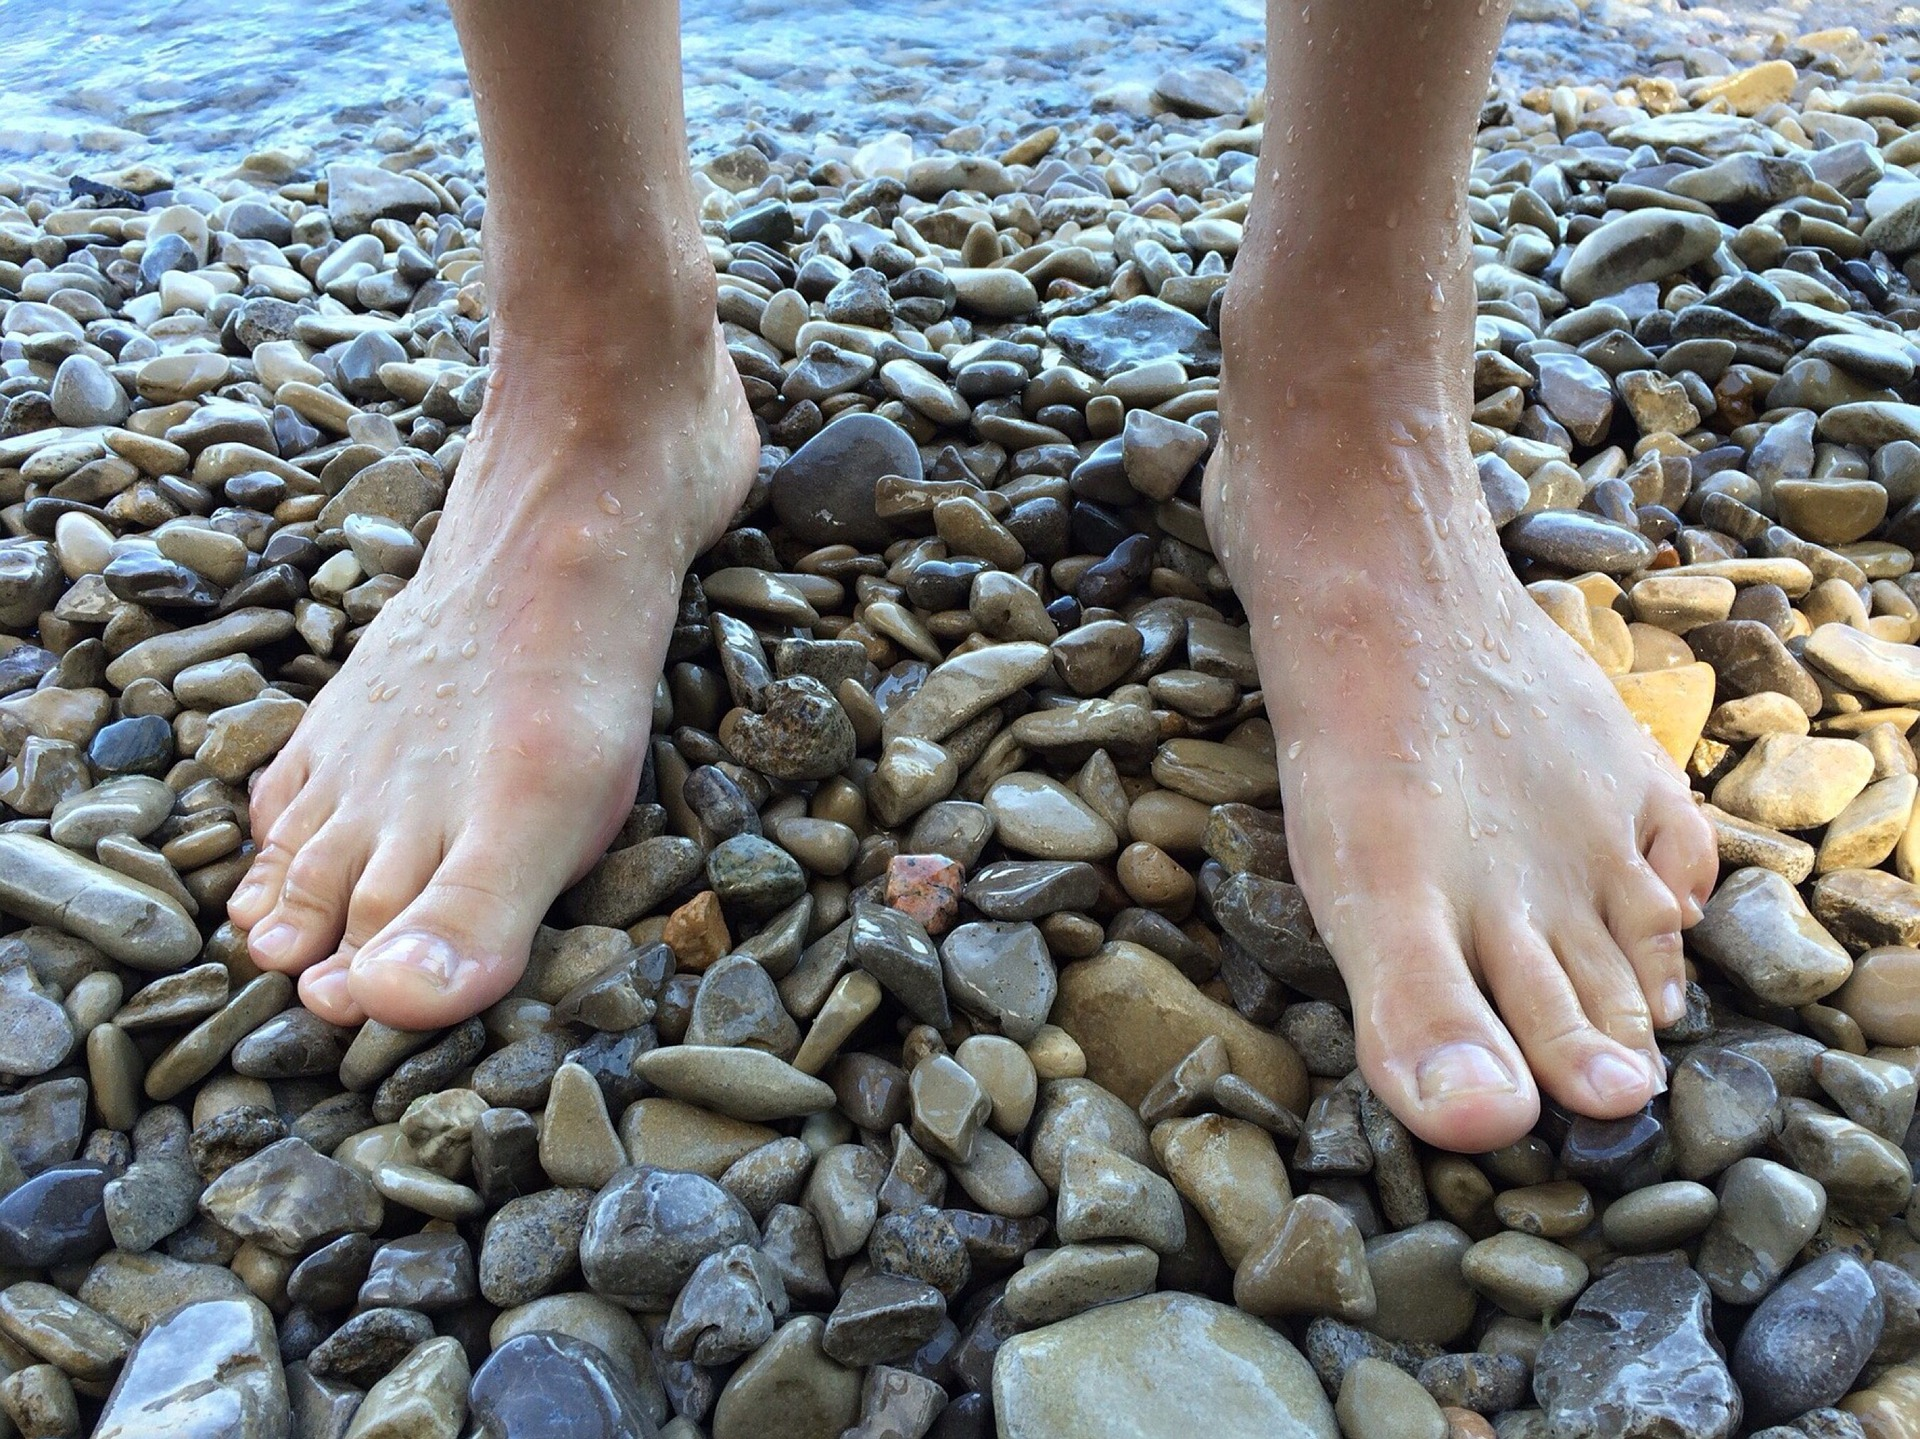 【陸王】ミッドフット着地?足を痛めない本来の歩き方は「かかと以外」で着地!